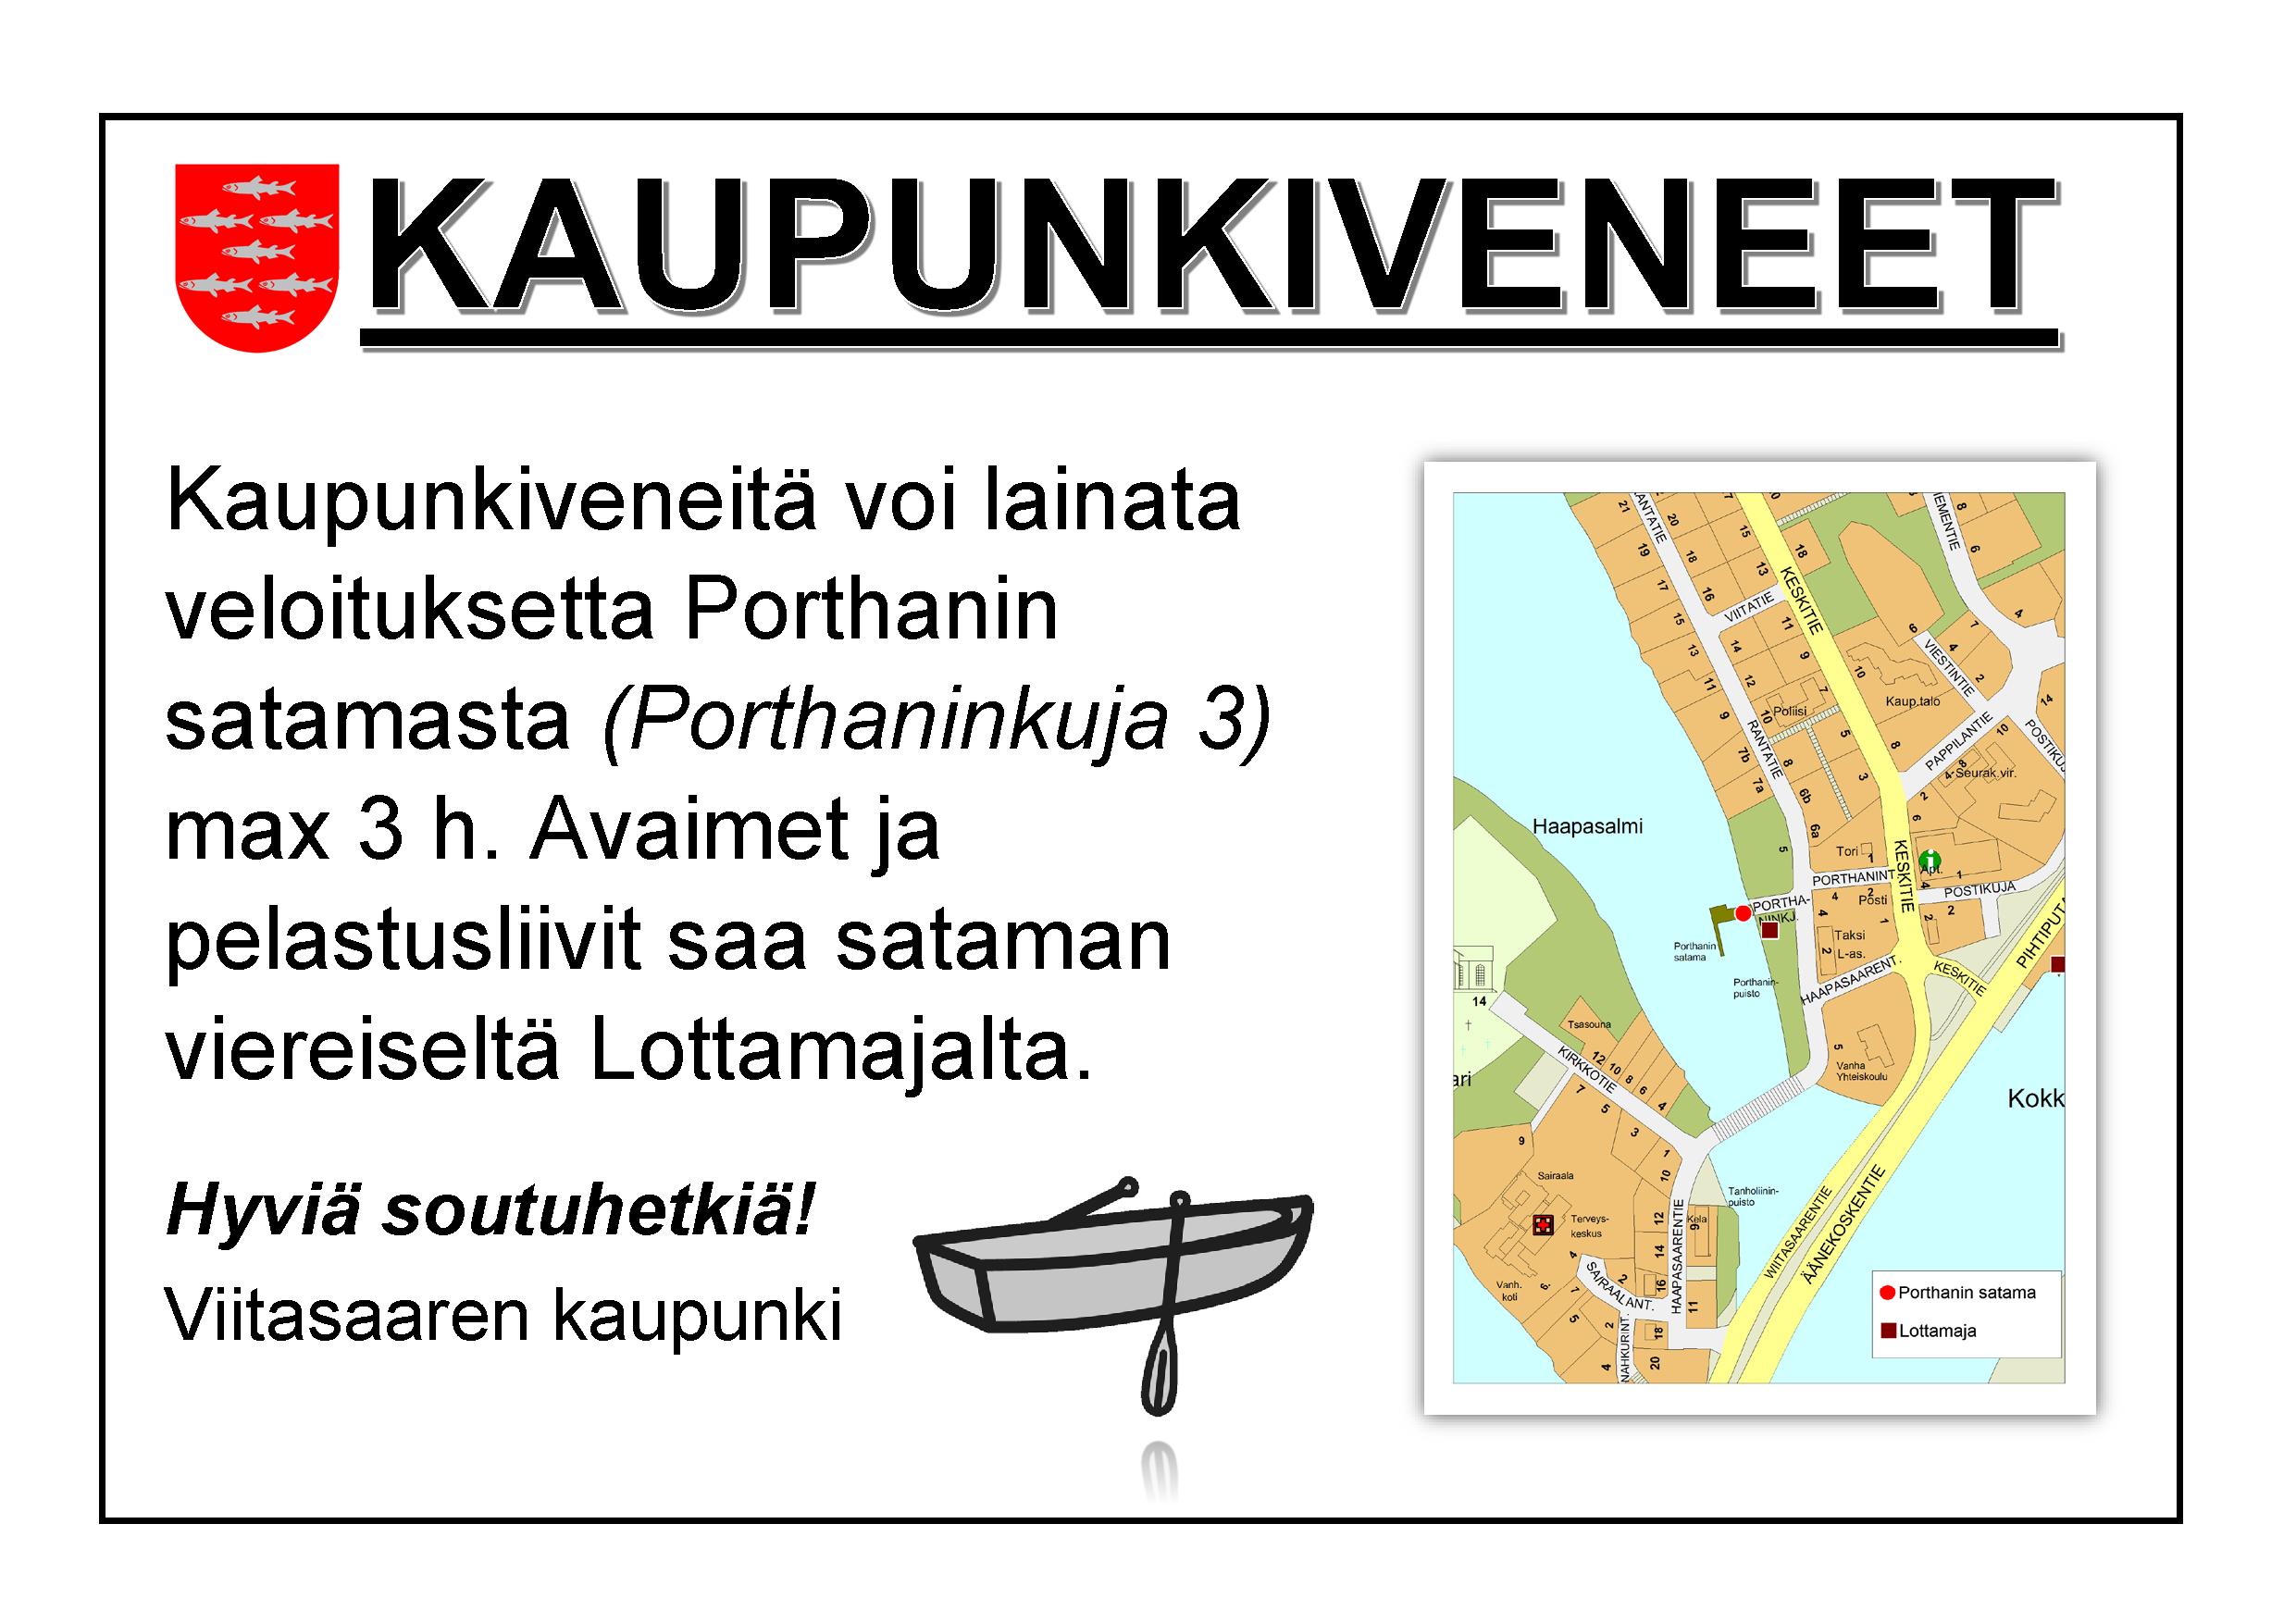 Ilmoitus. Kaupunkiveneitä voi lainata veloituksetta Porthanin satamasta osoitteesta Porthaninkuja 3, enintään kolmeksi tunniksi. Avaimet ja pelastusliivit saa sataman viereiseltä Lottamajalta. Hyviä soutuhetkiä tarjoaa Viitasaaren kaupunki.